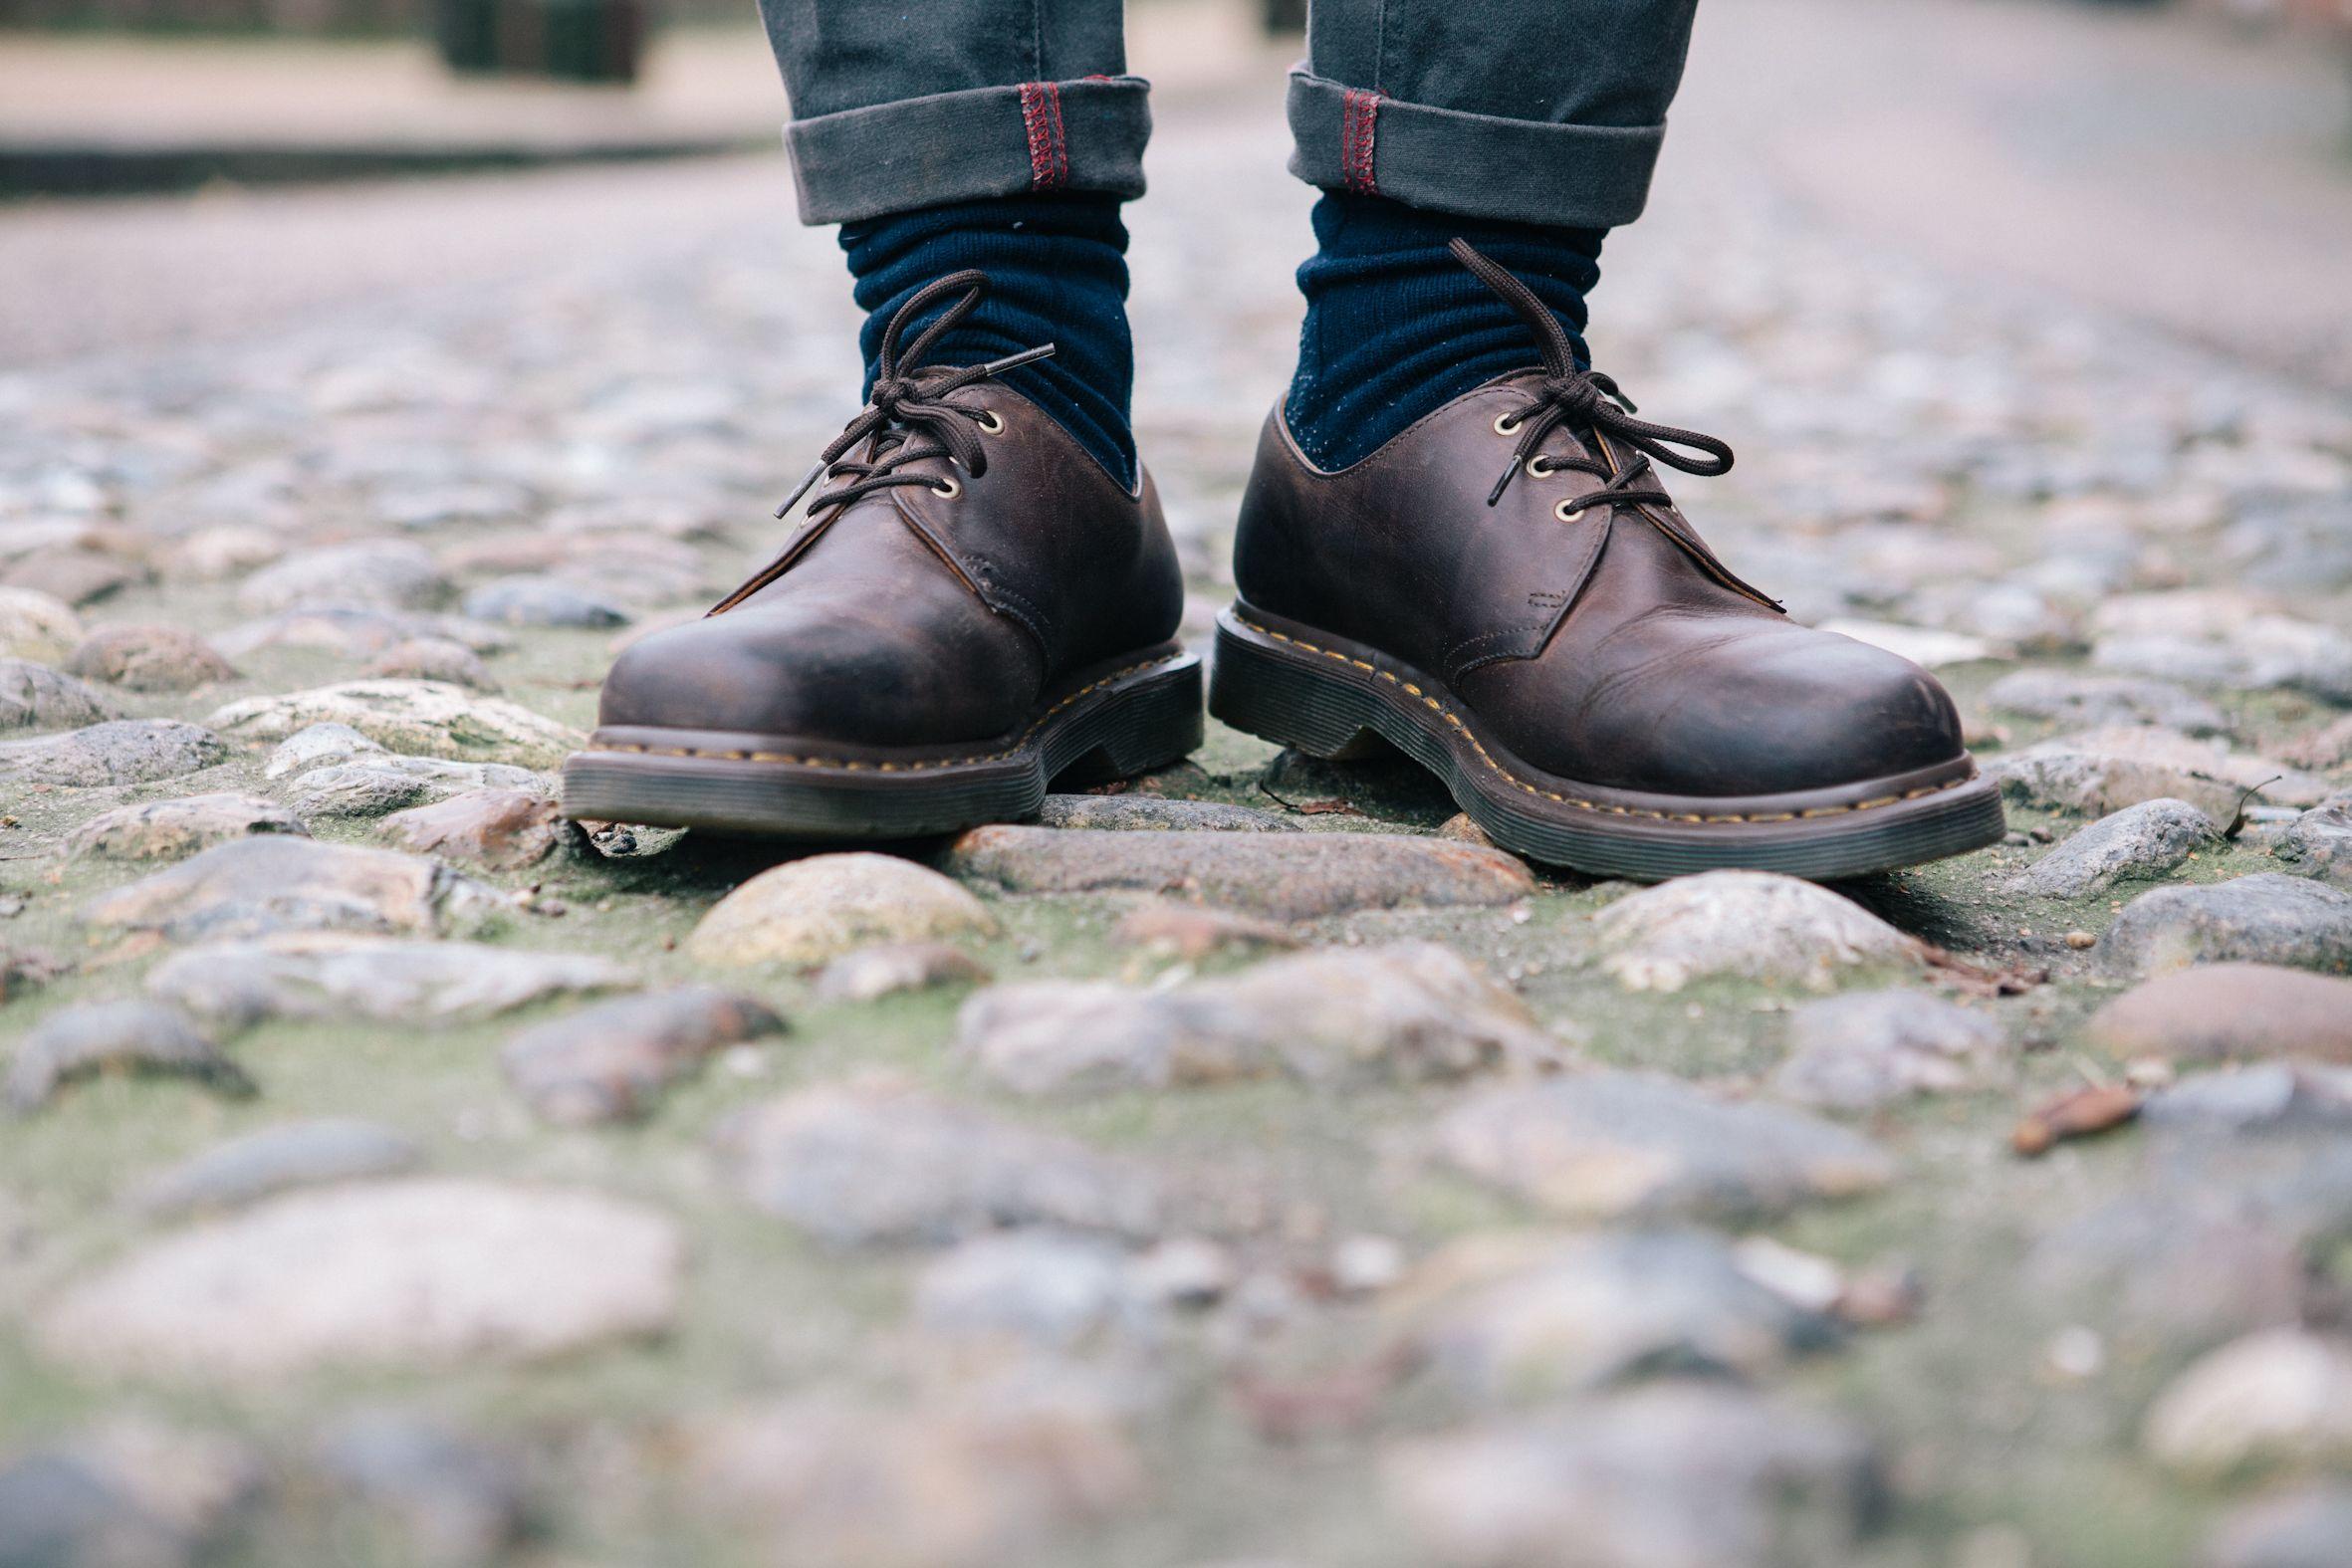 f963771d7b8 Dr martens 1461 crazy horse | Shoes | Martens style, Dr martens, Shoes